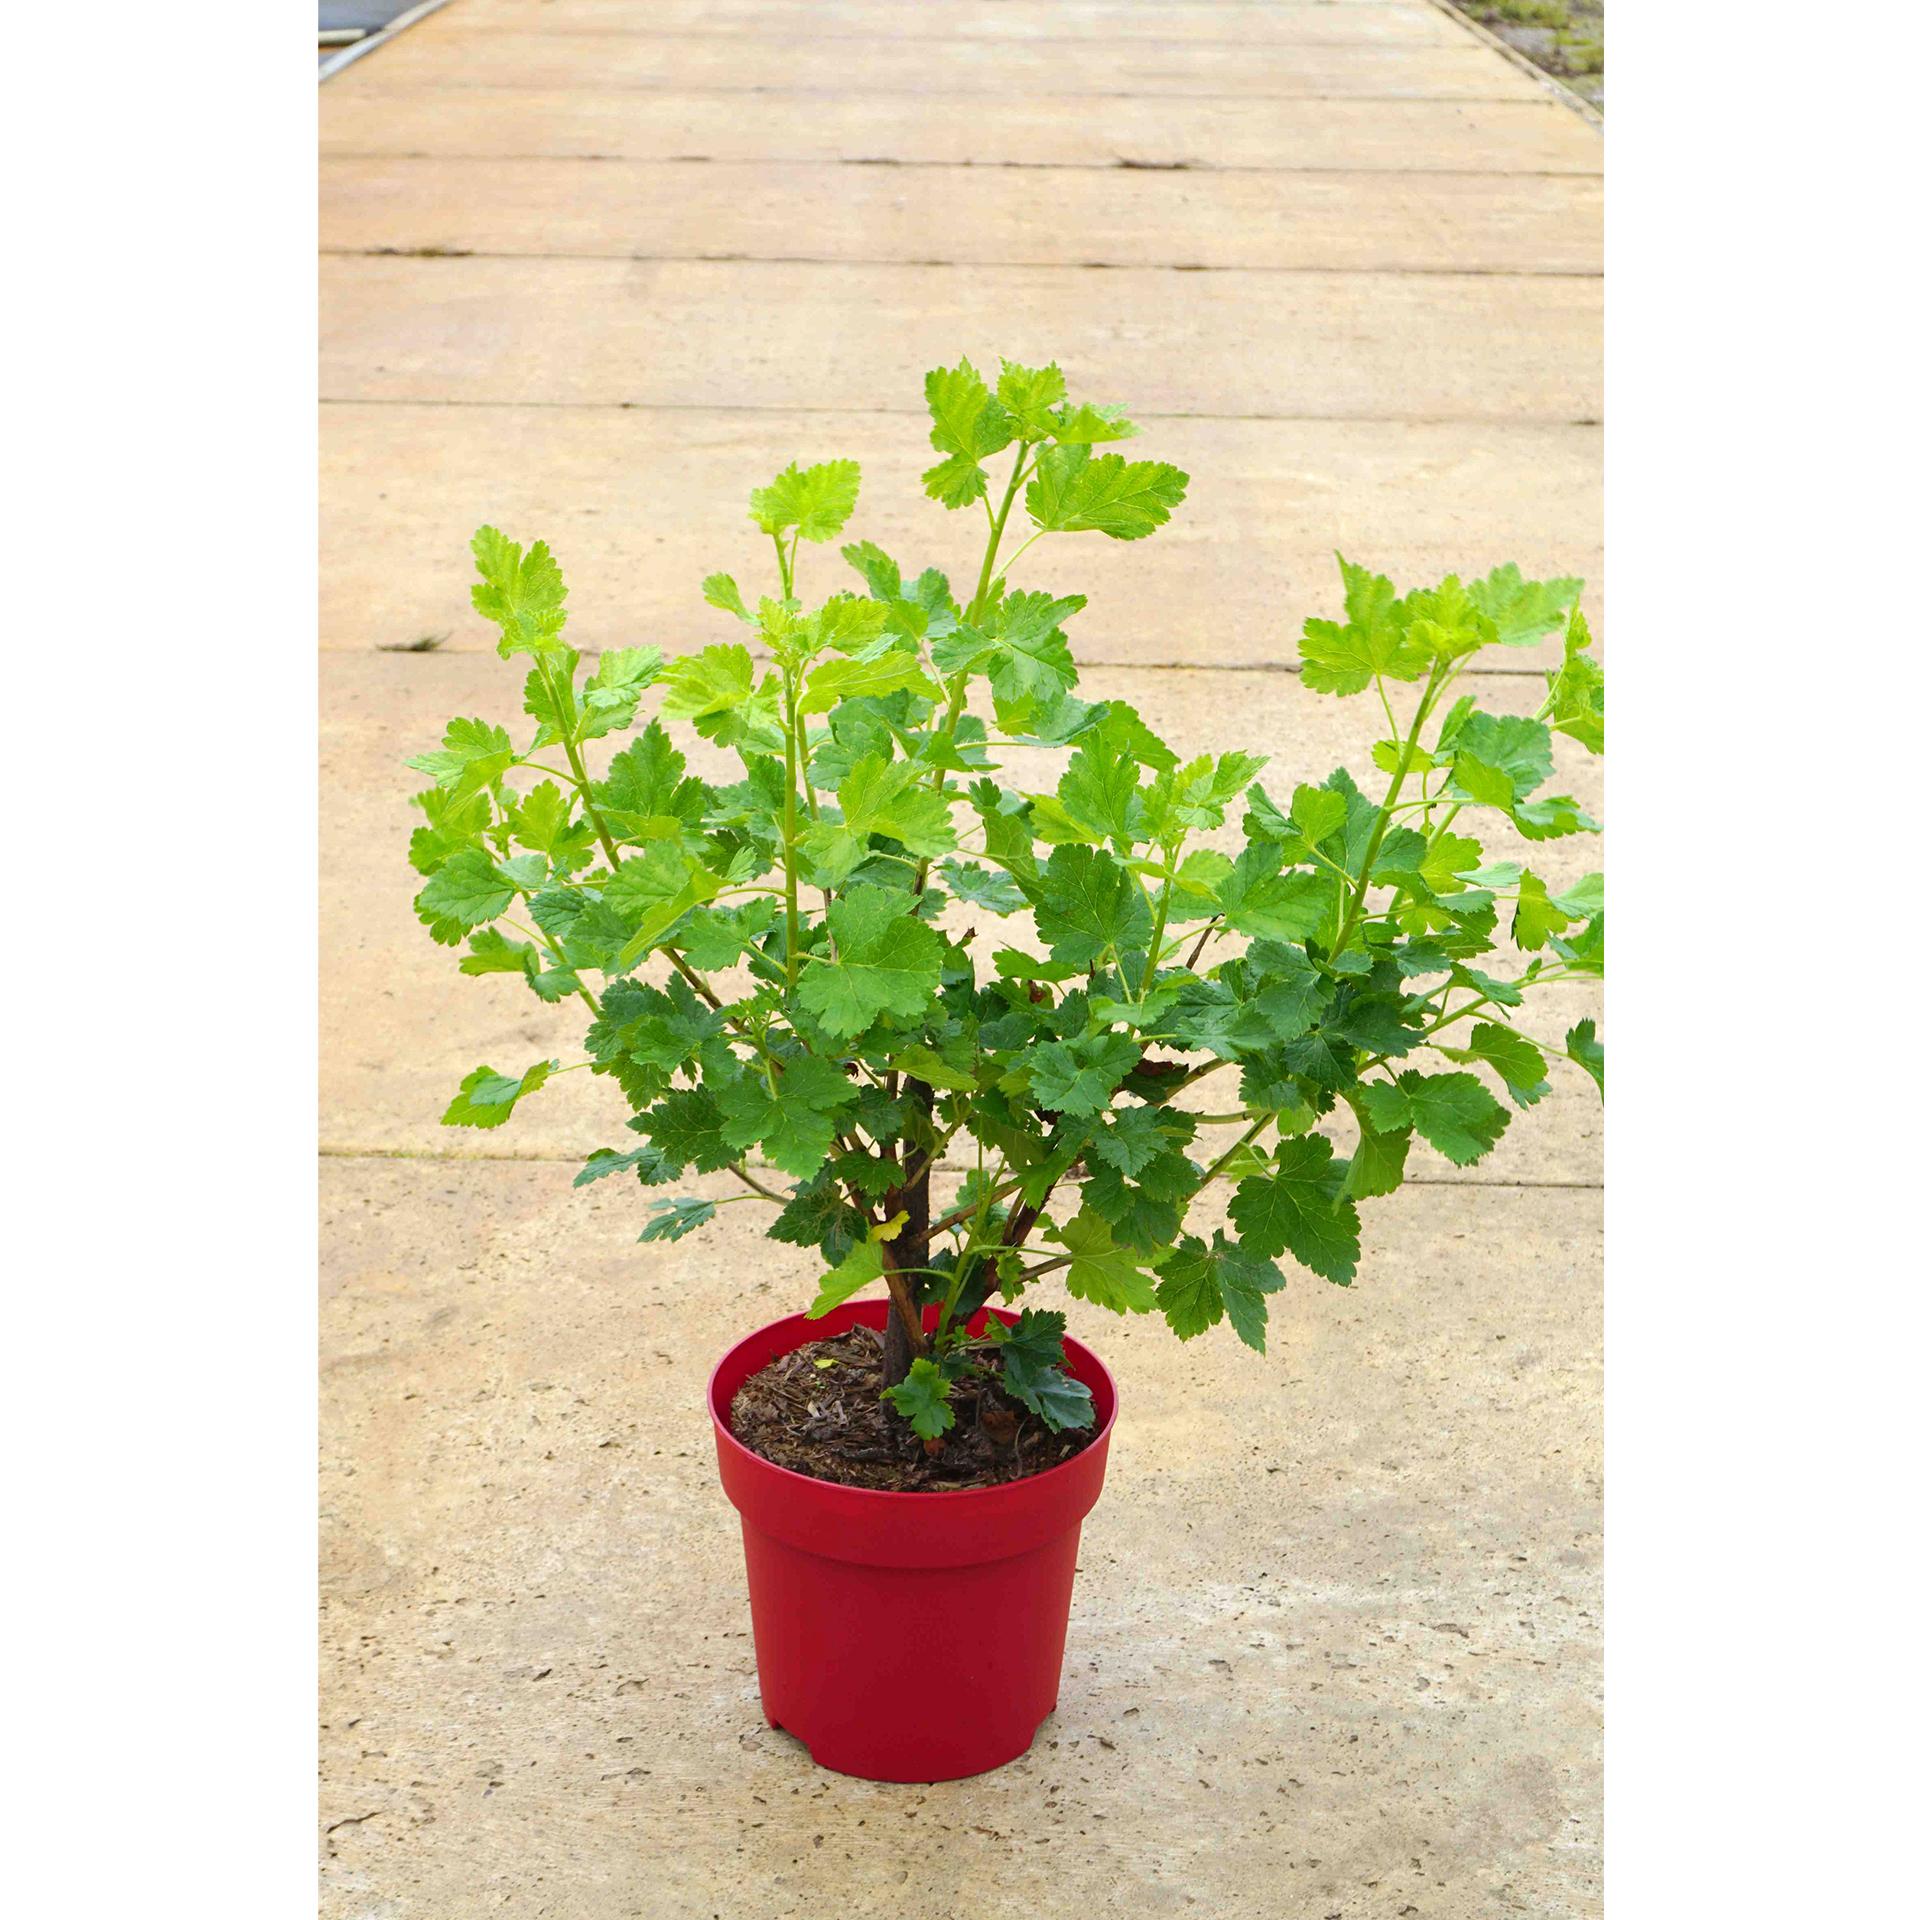 Jostabeere - Ribes x nidigrolaria, 30-40cm